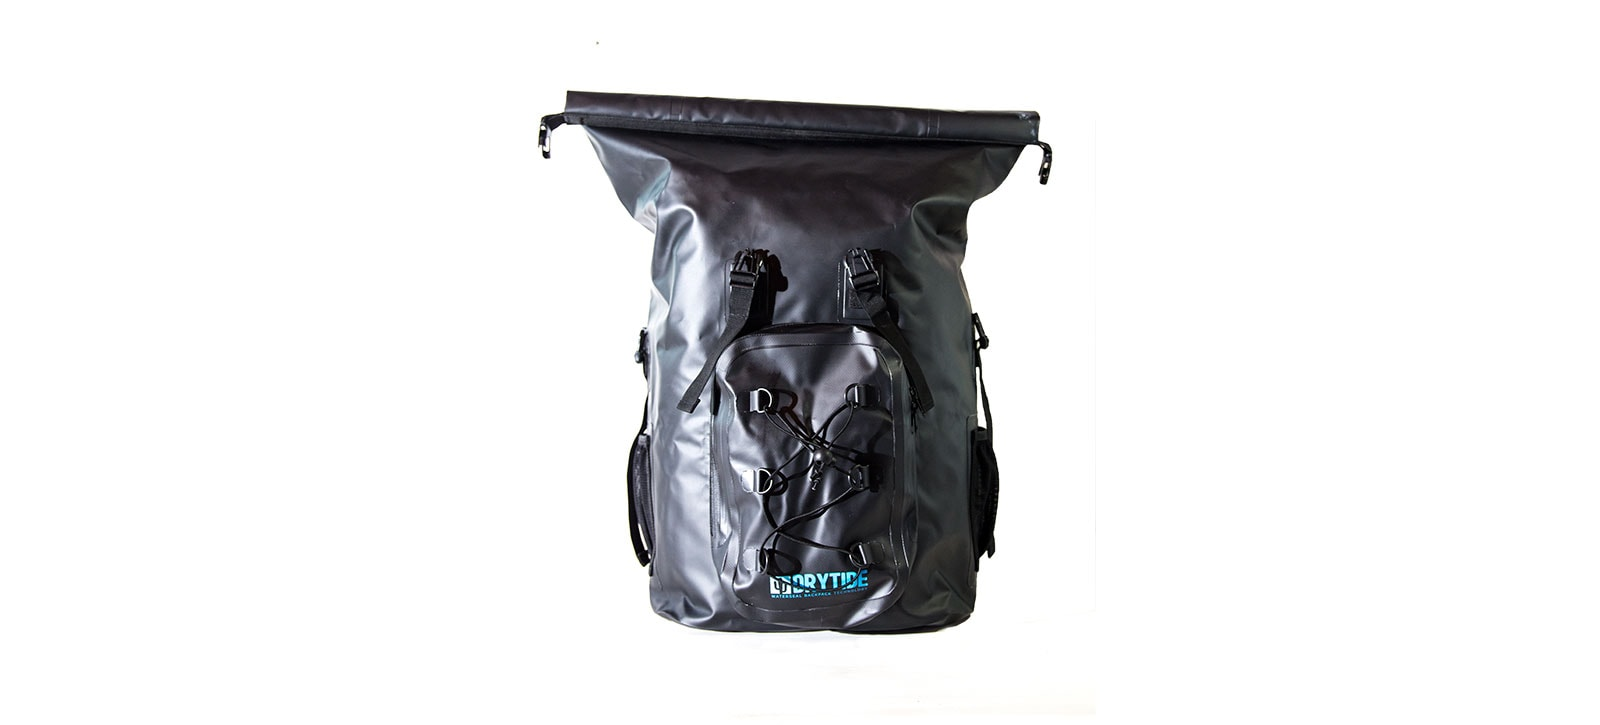 waterprof-backpack-roll-down-closure